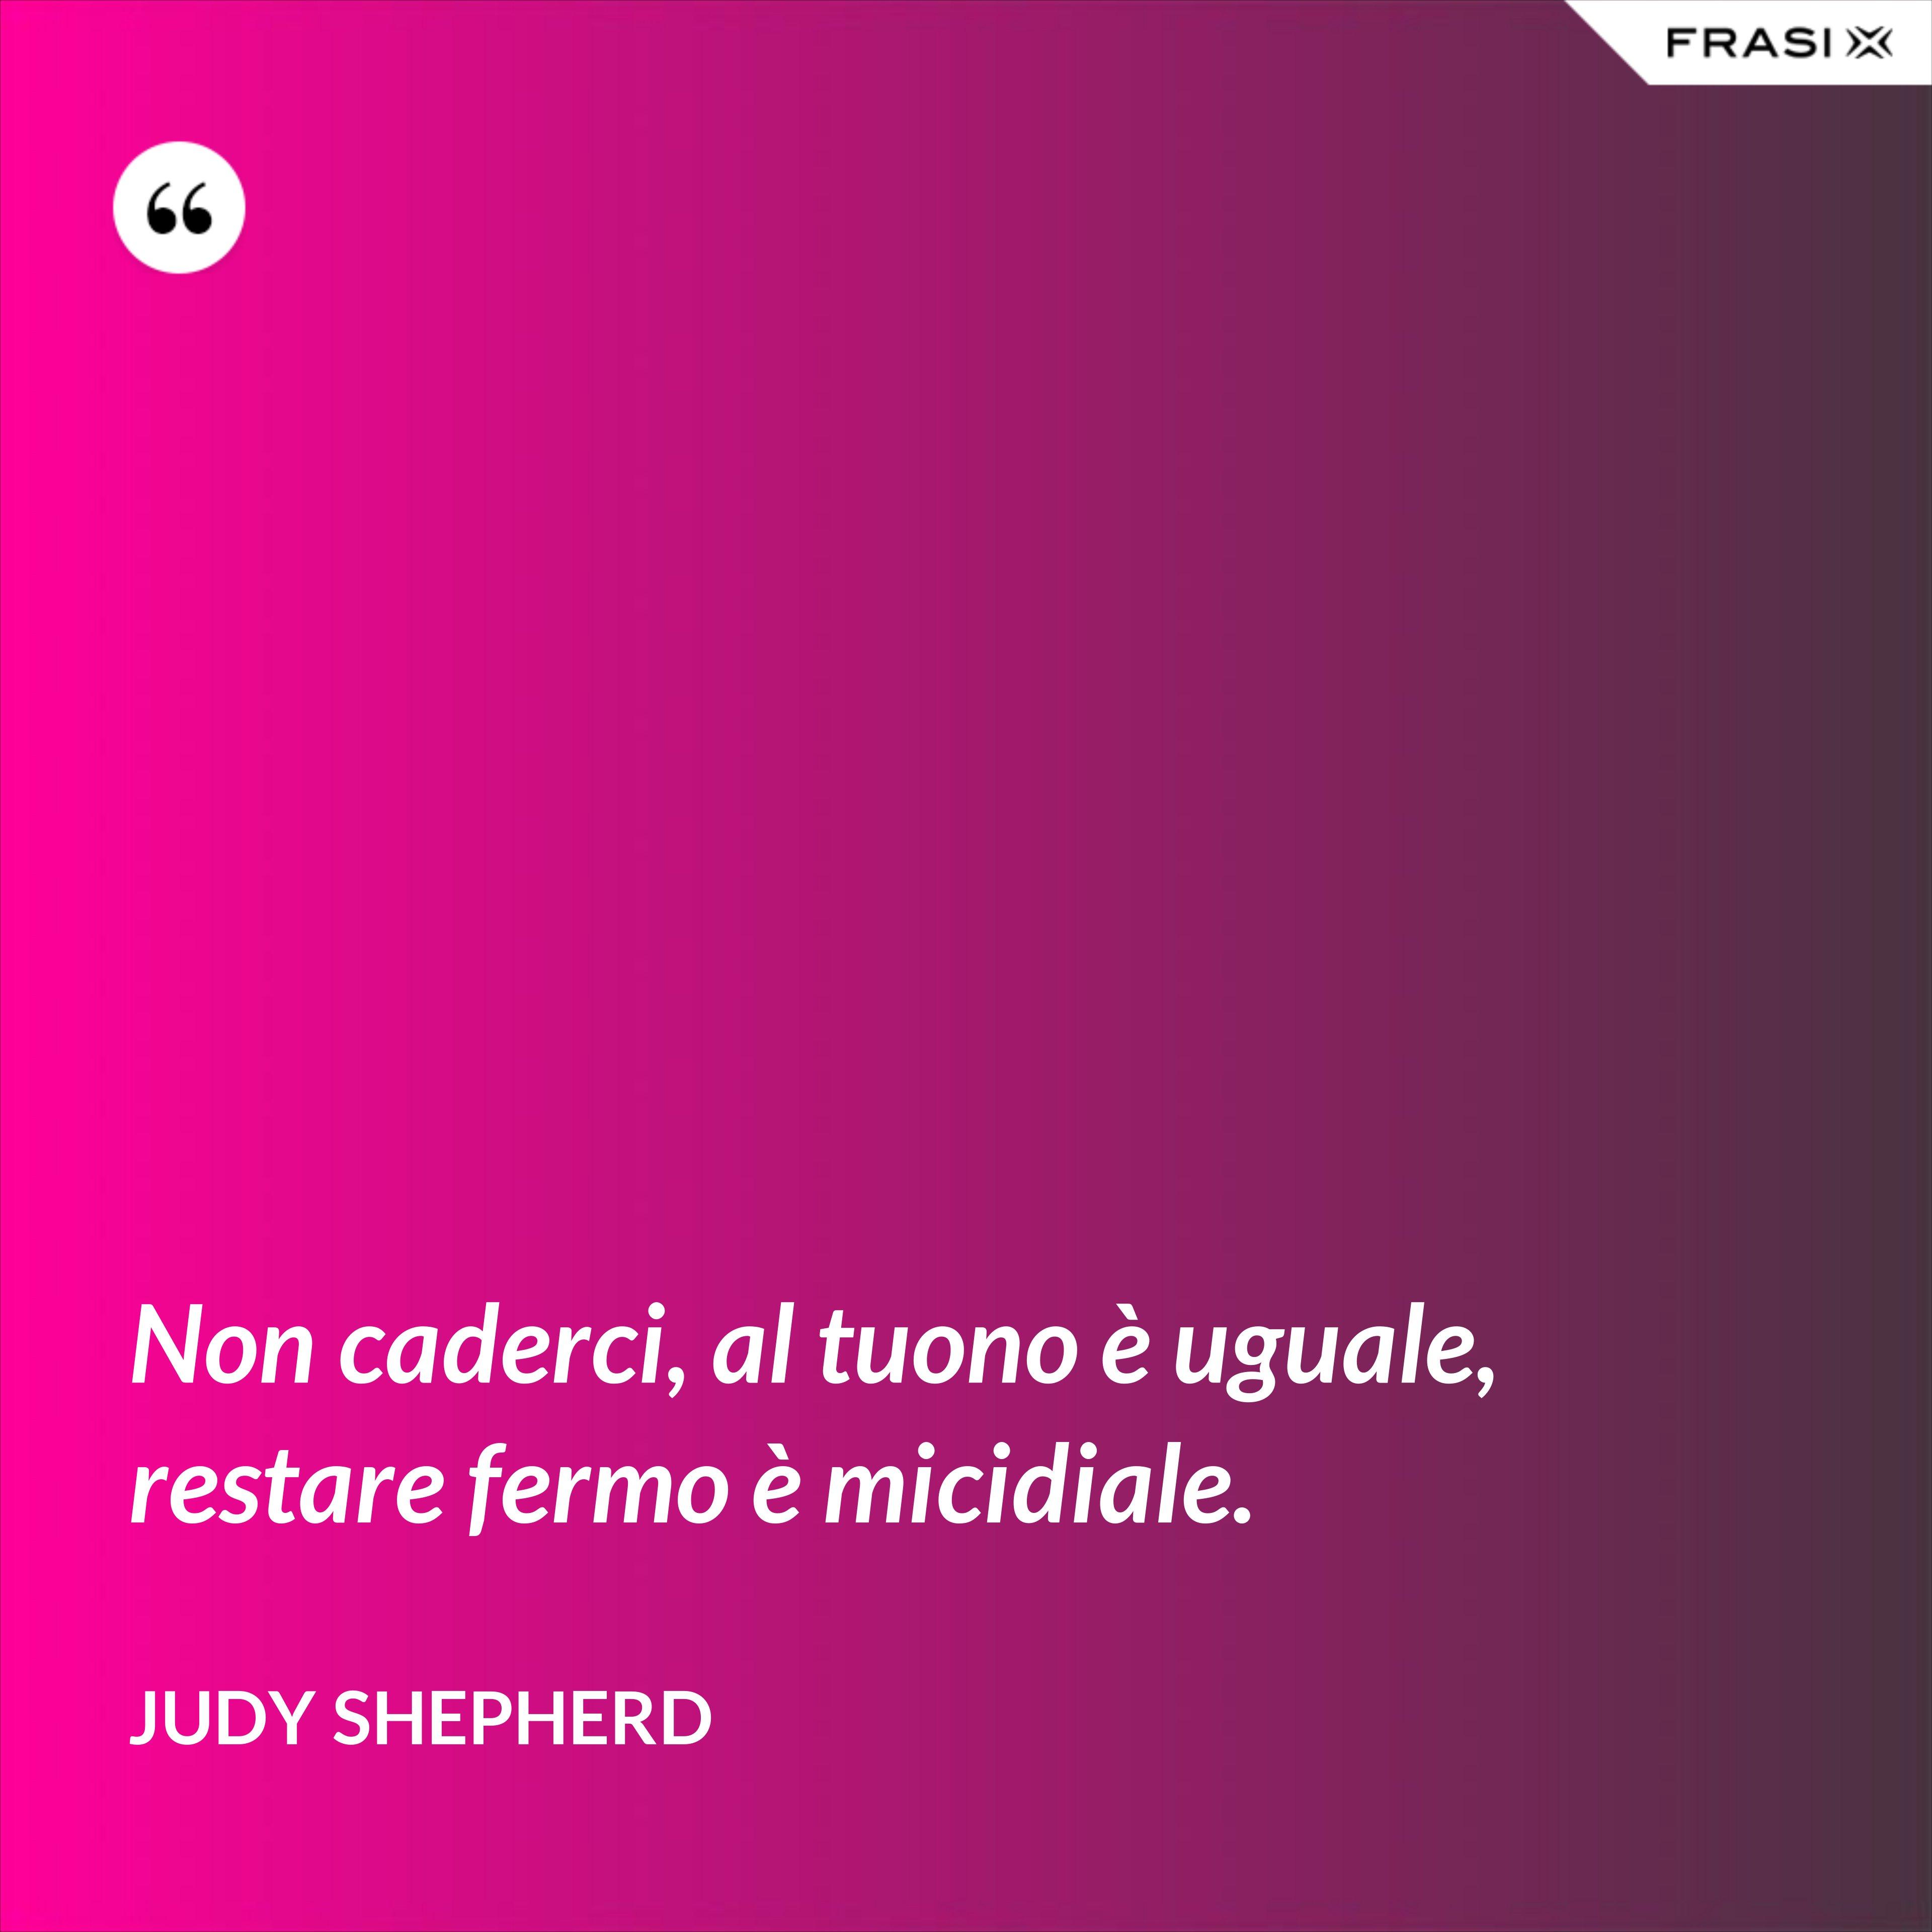 Non caderci, al tuono è uguale, restare fermo è micidiale. - Judy Shepherd